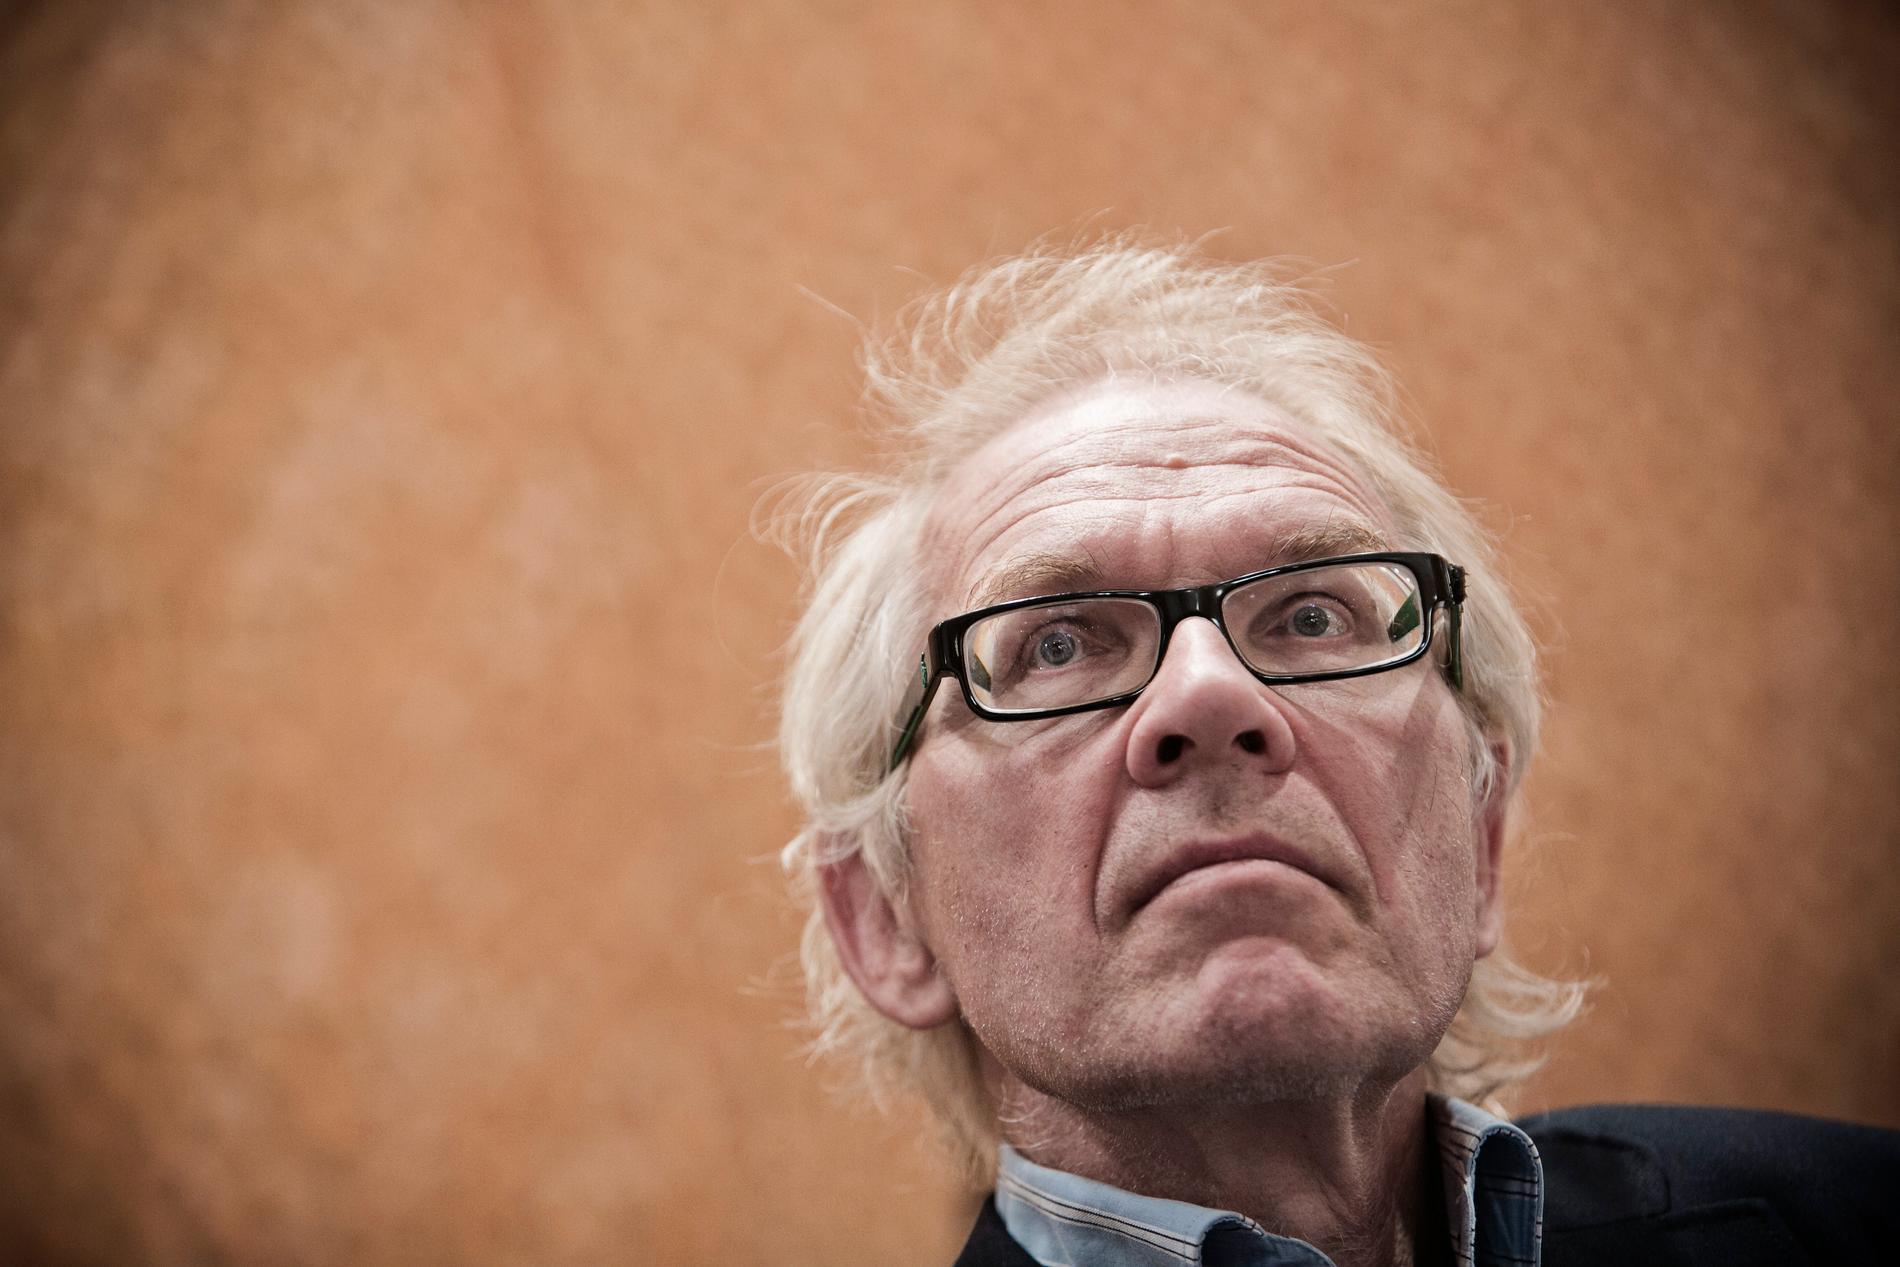 Konstnären Lars Vilks dog nyligen i en trafikolycka, 75 år gammal.